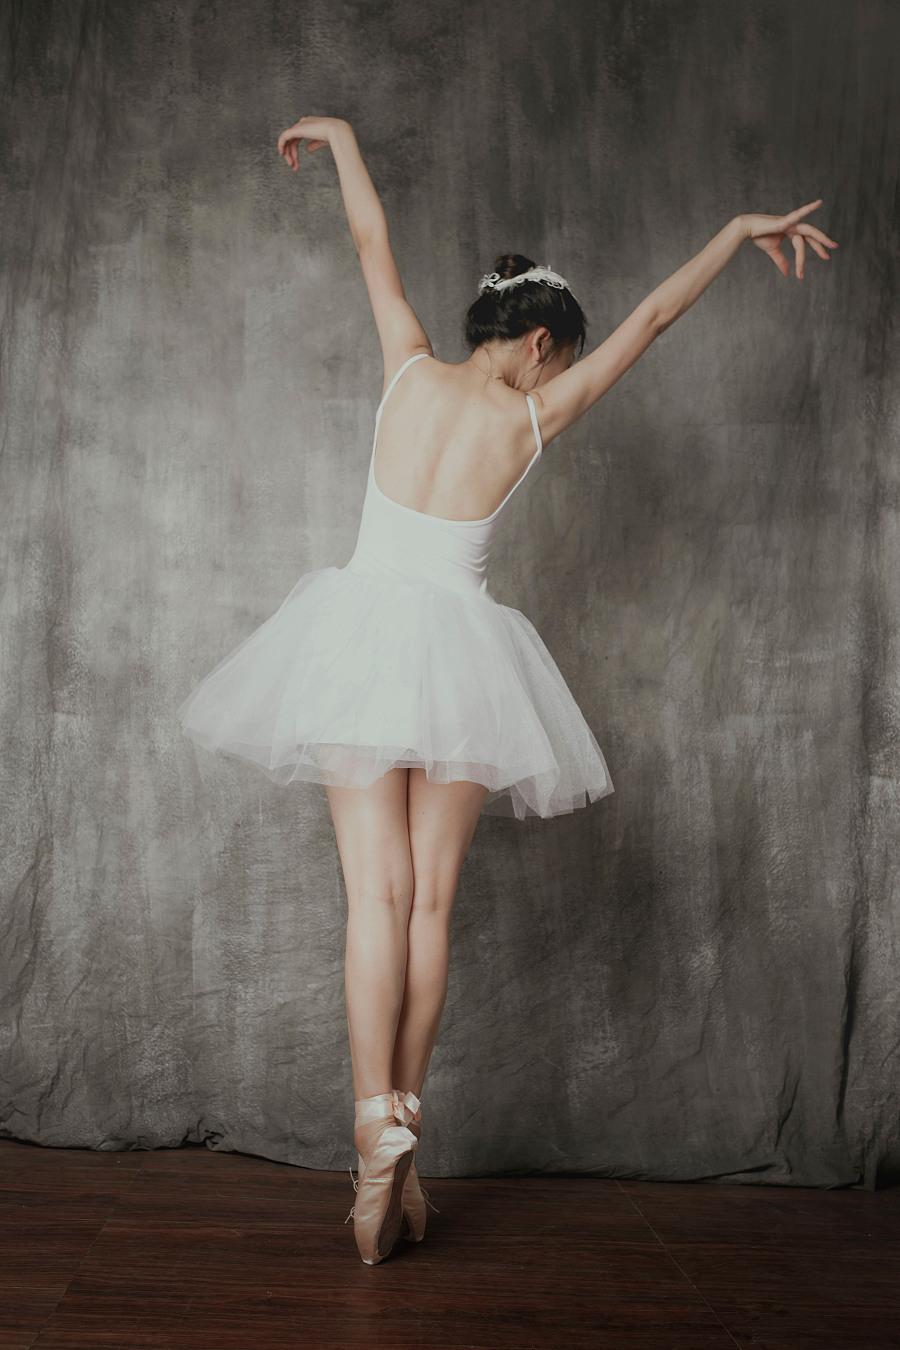 原创作品:芭蕾女孩